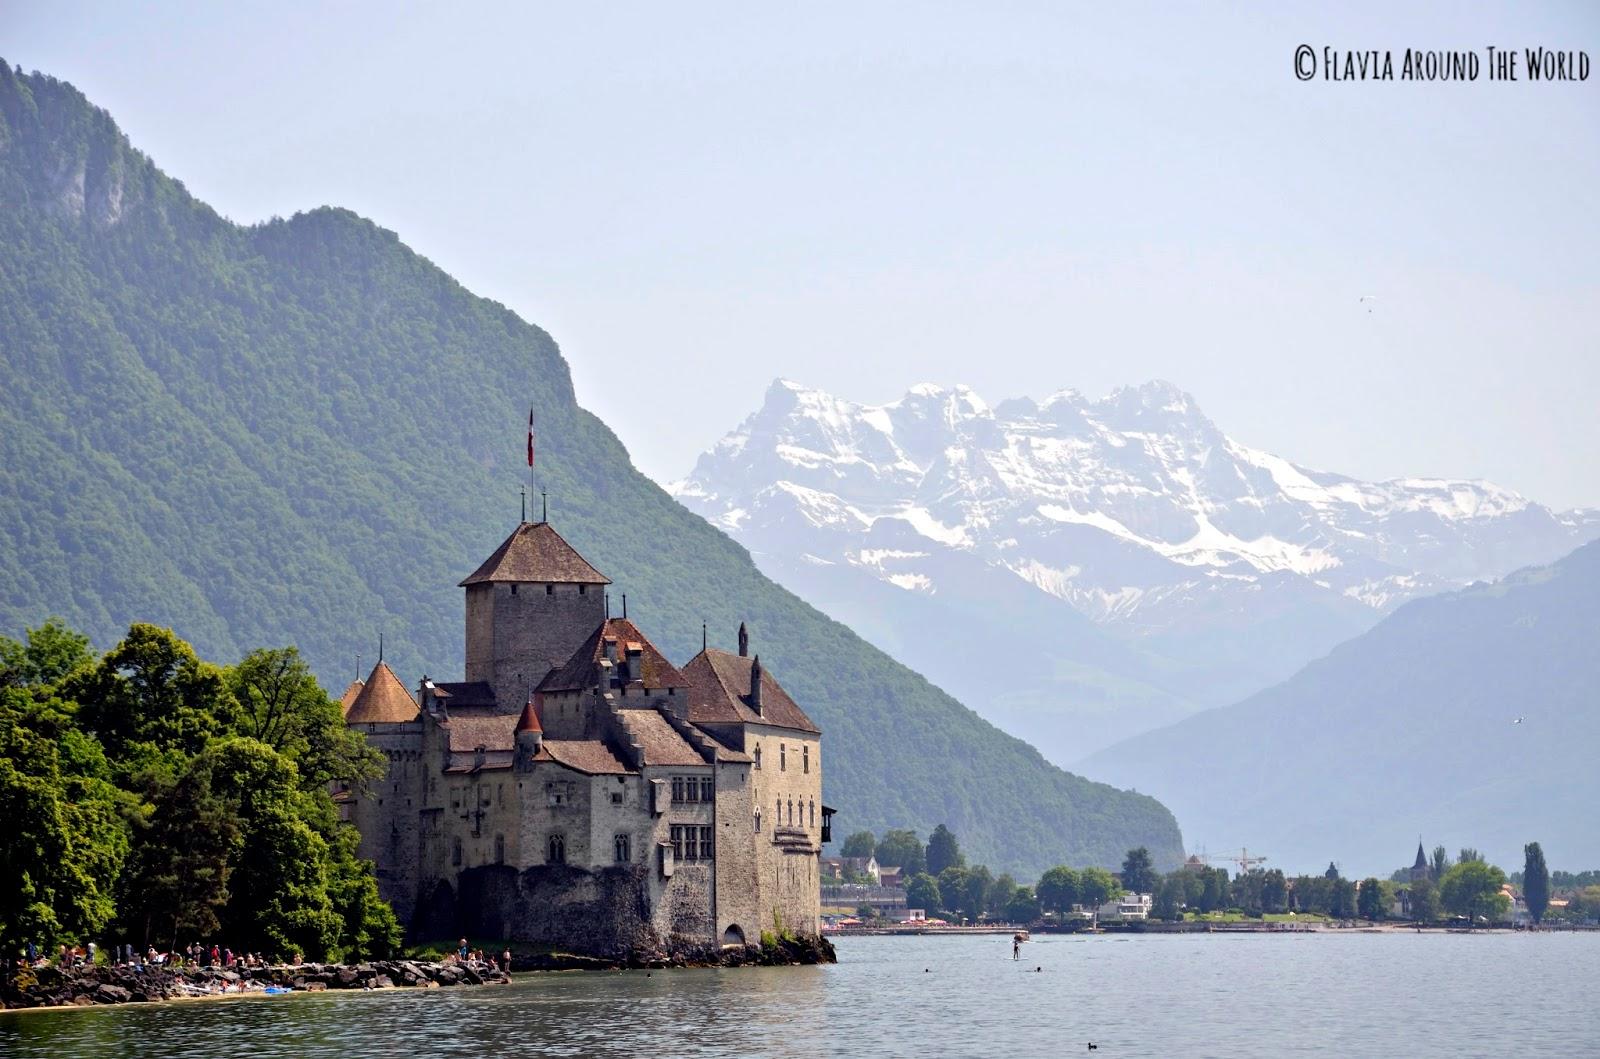 Castillo de Chillon sobre el lago Lemán y los Alpes de fondo, Suiza